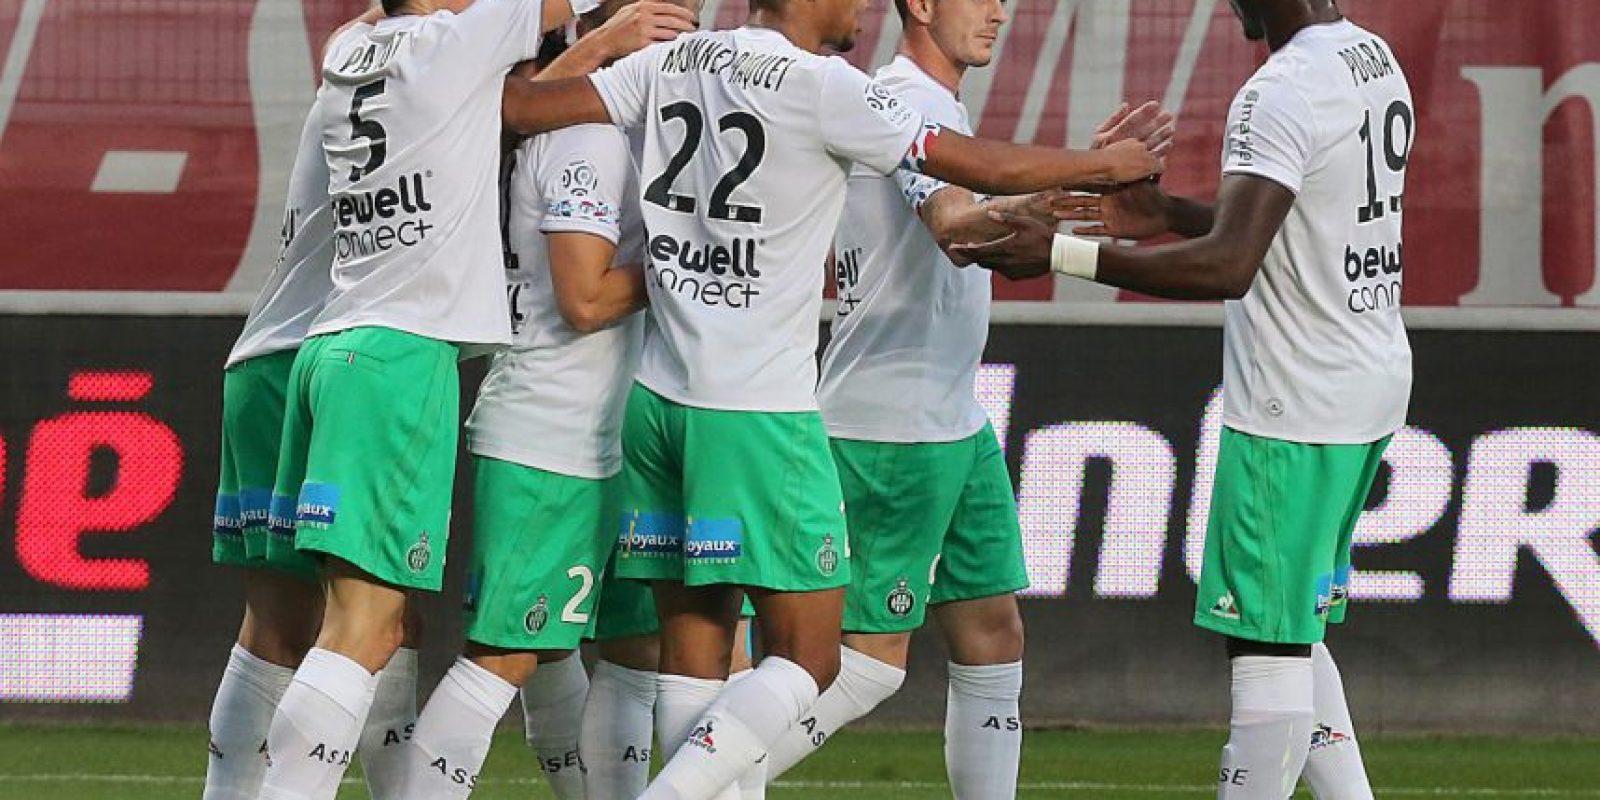 Aunque el dominio del PSG es avasallador, este equipo se mantiene como su escolta por encima de los tradicionales contendientes al título: Mónaco (9º), Olympique de Lyon (8º) y Marseilla (15º). En 8 fechas, suman 16 puntos gracias a 5 victorias y un empate. Foto:AFP